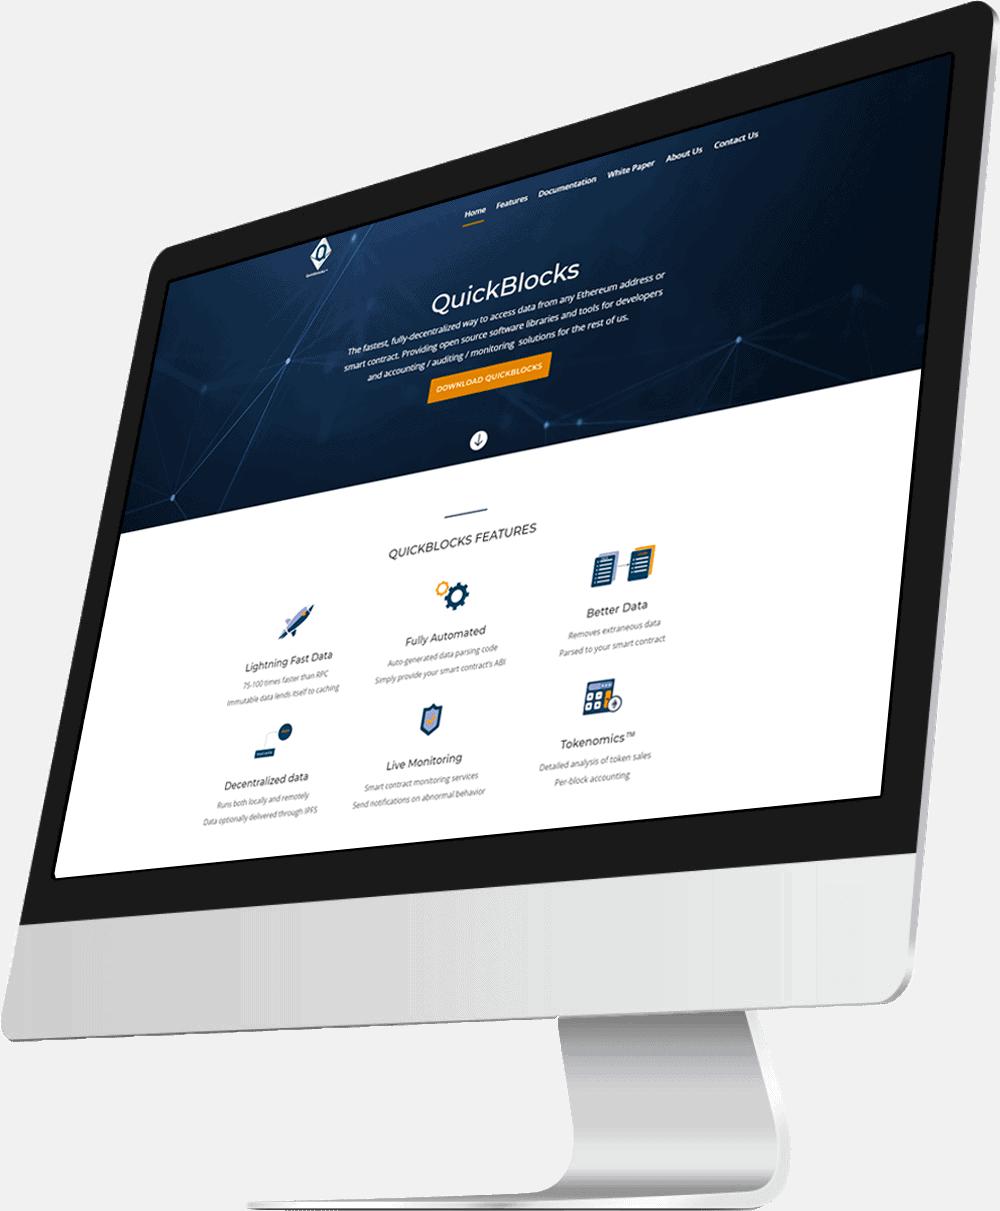 vidal herrero web designer screen